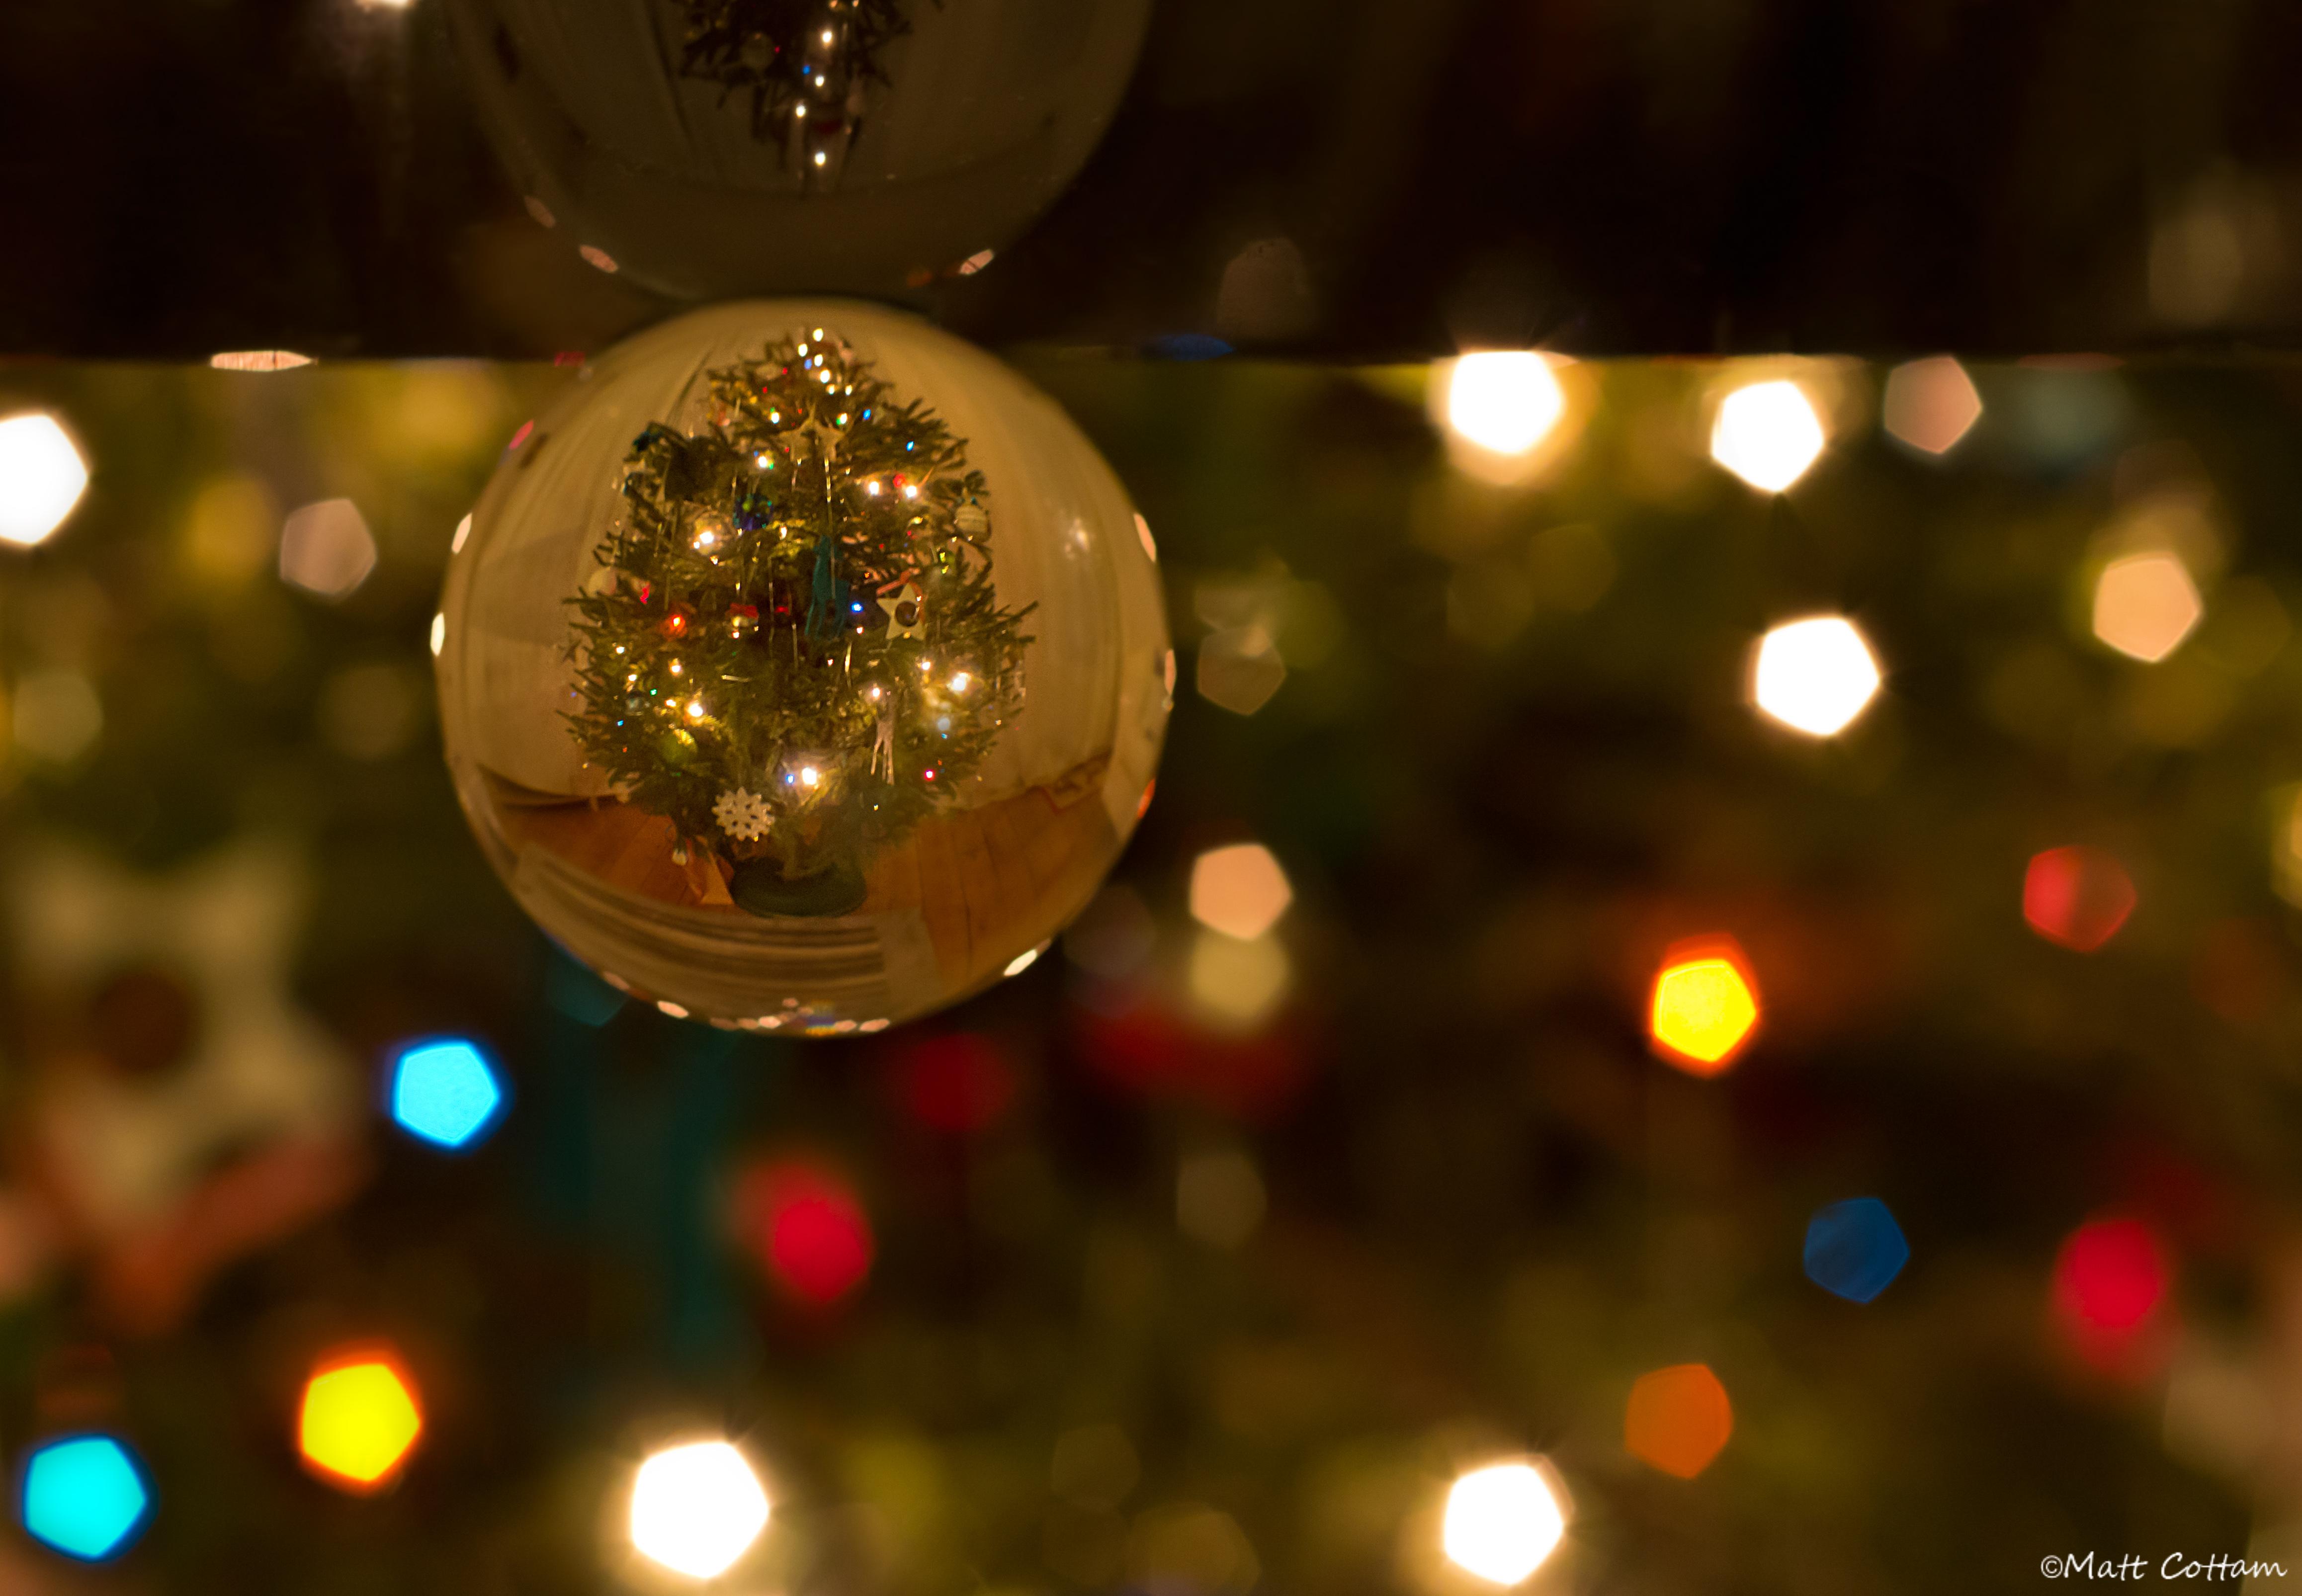 デスクトップ壁紙 ライト 夜 反射 結晶 クリスマスツリー ボケ 休日 クリスマスのあかり 玉 イベント 屈折 木 50mm 点灯 装飾 コンピュータの壁紙 クリスマスの飾り マクロ撮影 水晶球 胎児 ハッピークリスマス Christmastreelights Christmas